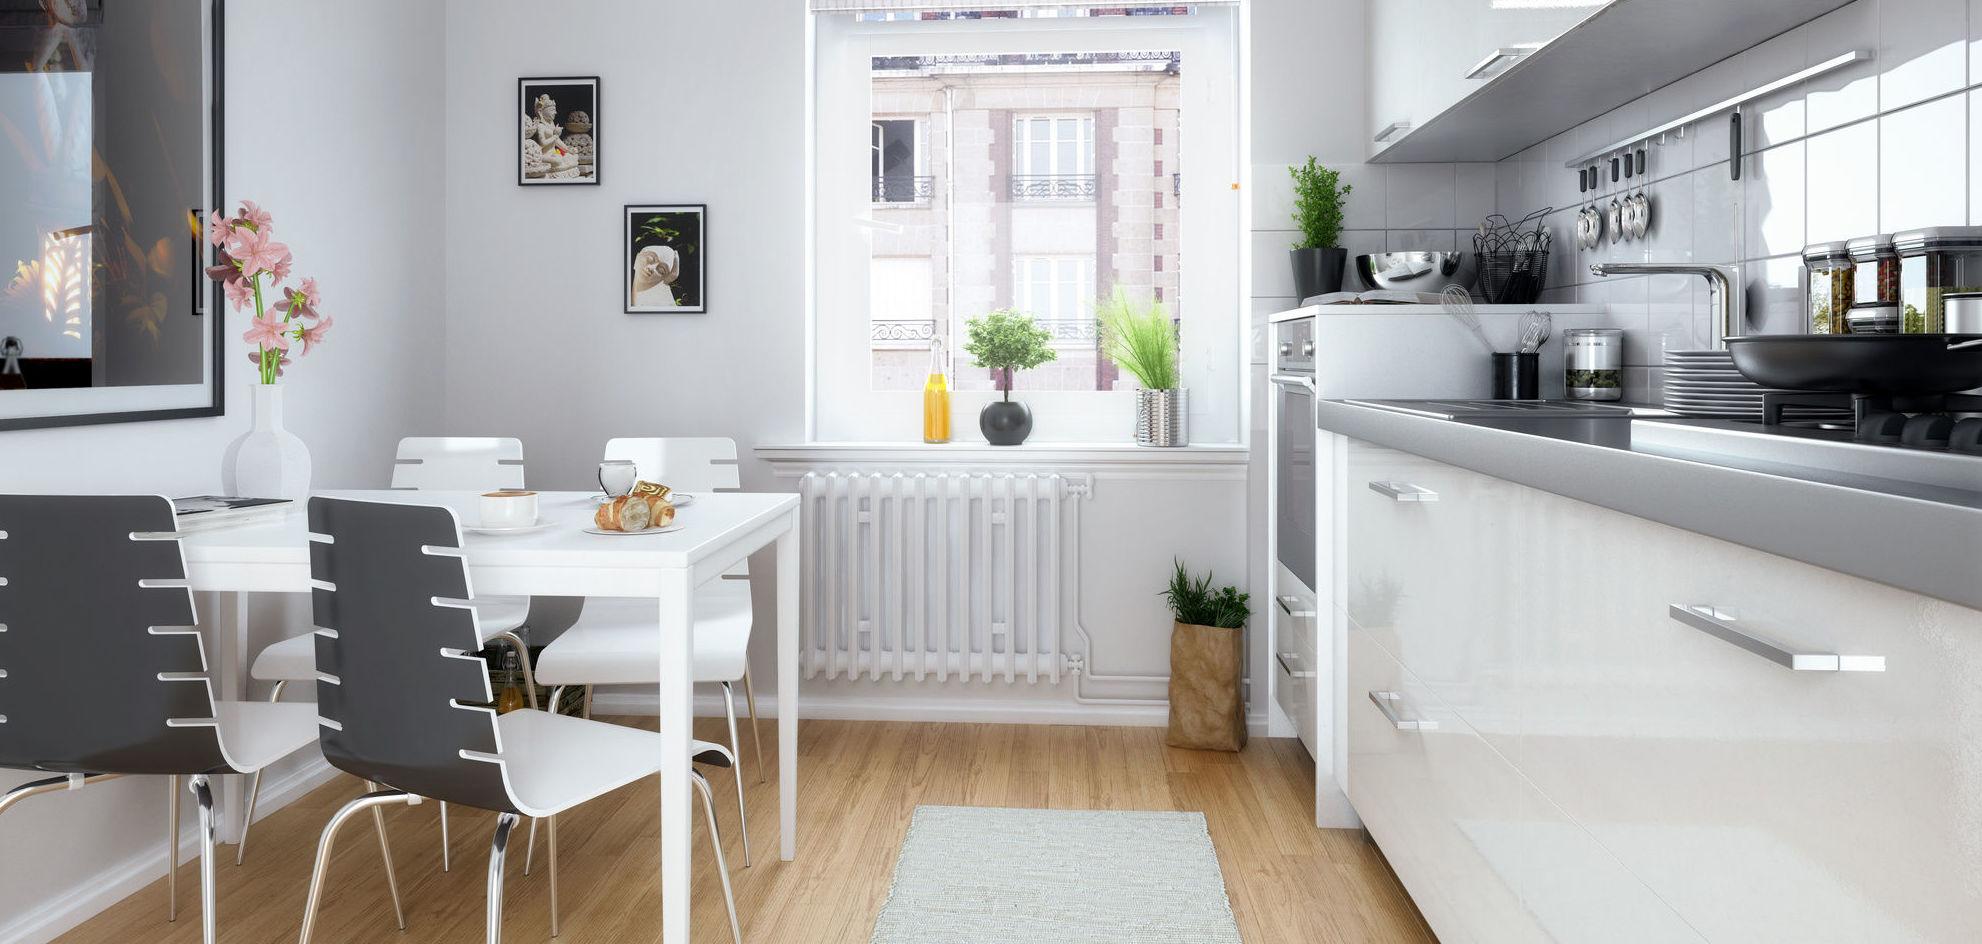 Reforma de cocina en casa unifamiliar.